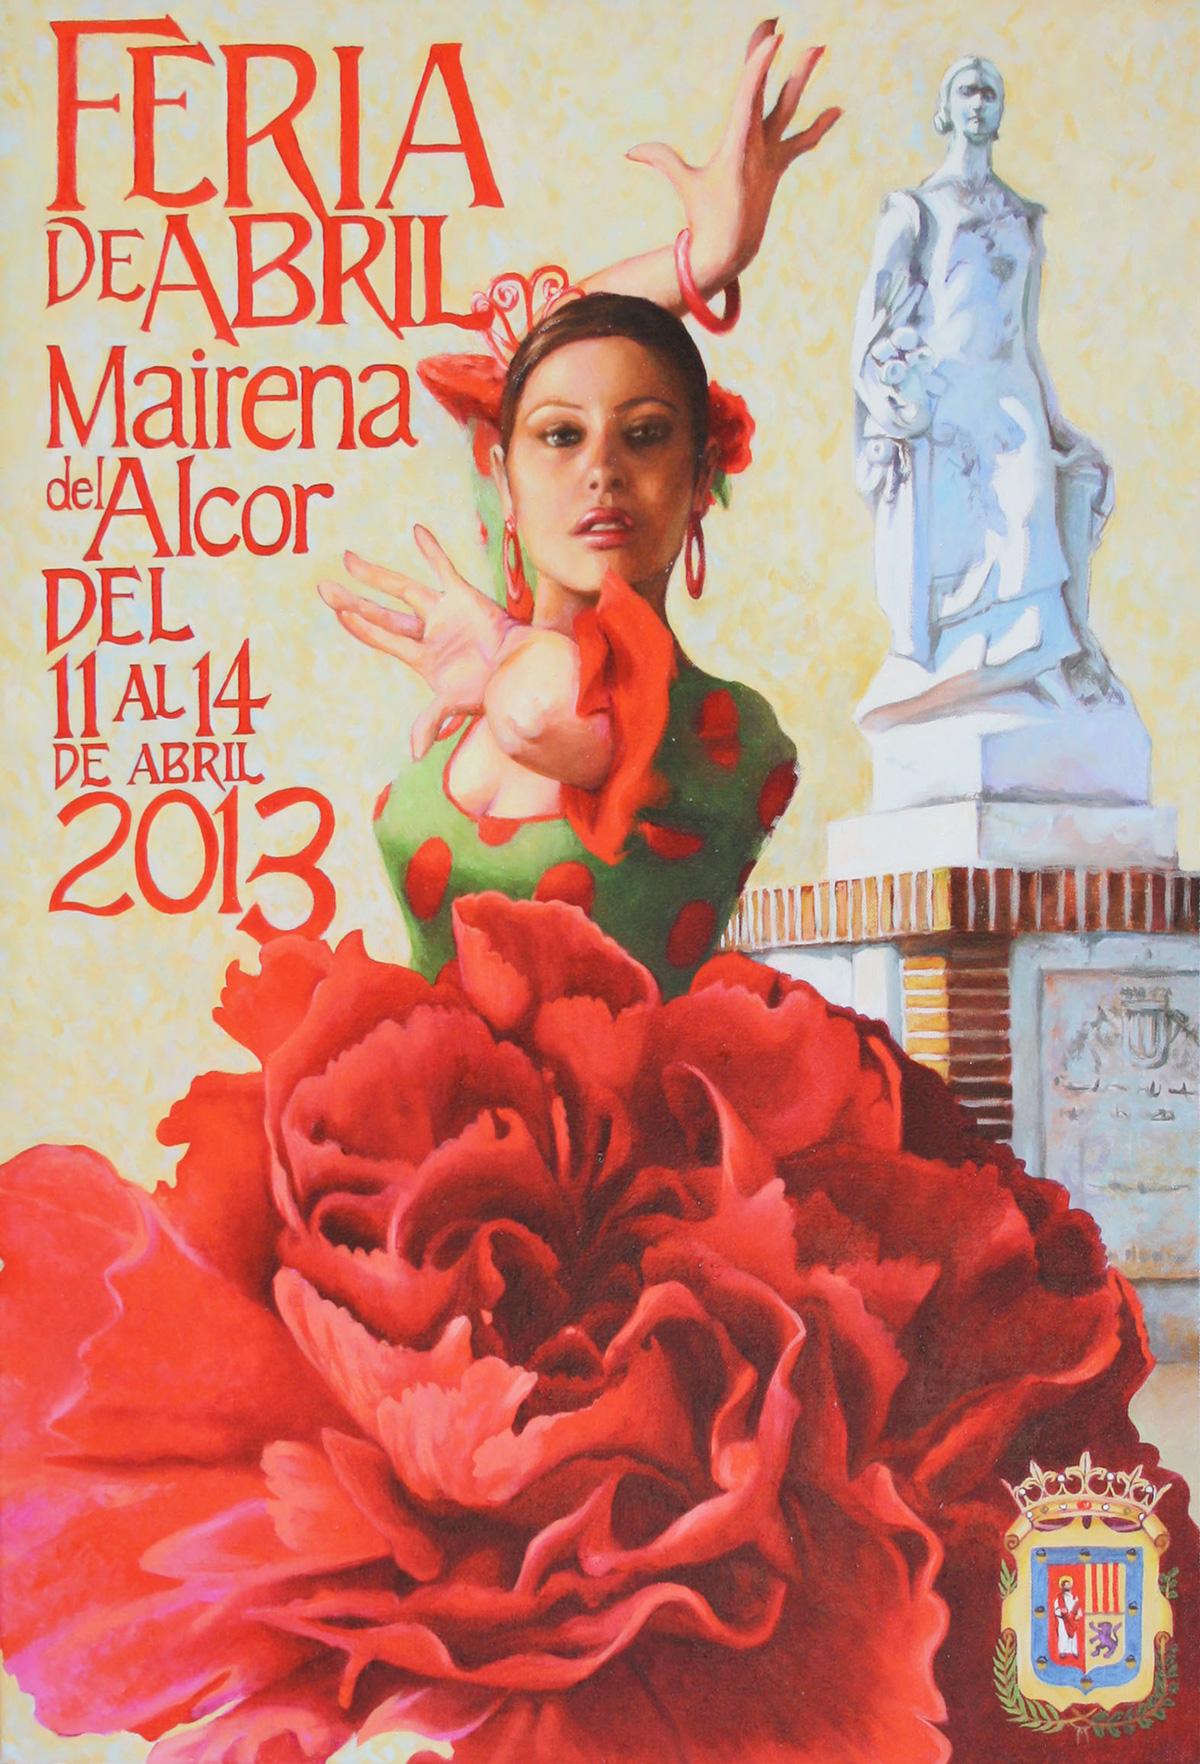 Cartel de La Feria de Mairena del Alcor 2013 obra de Chema Hedrera